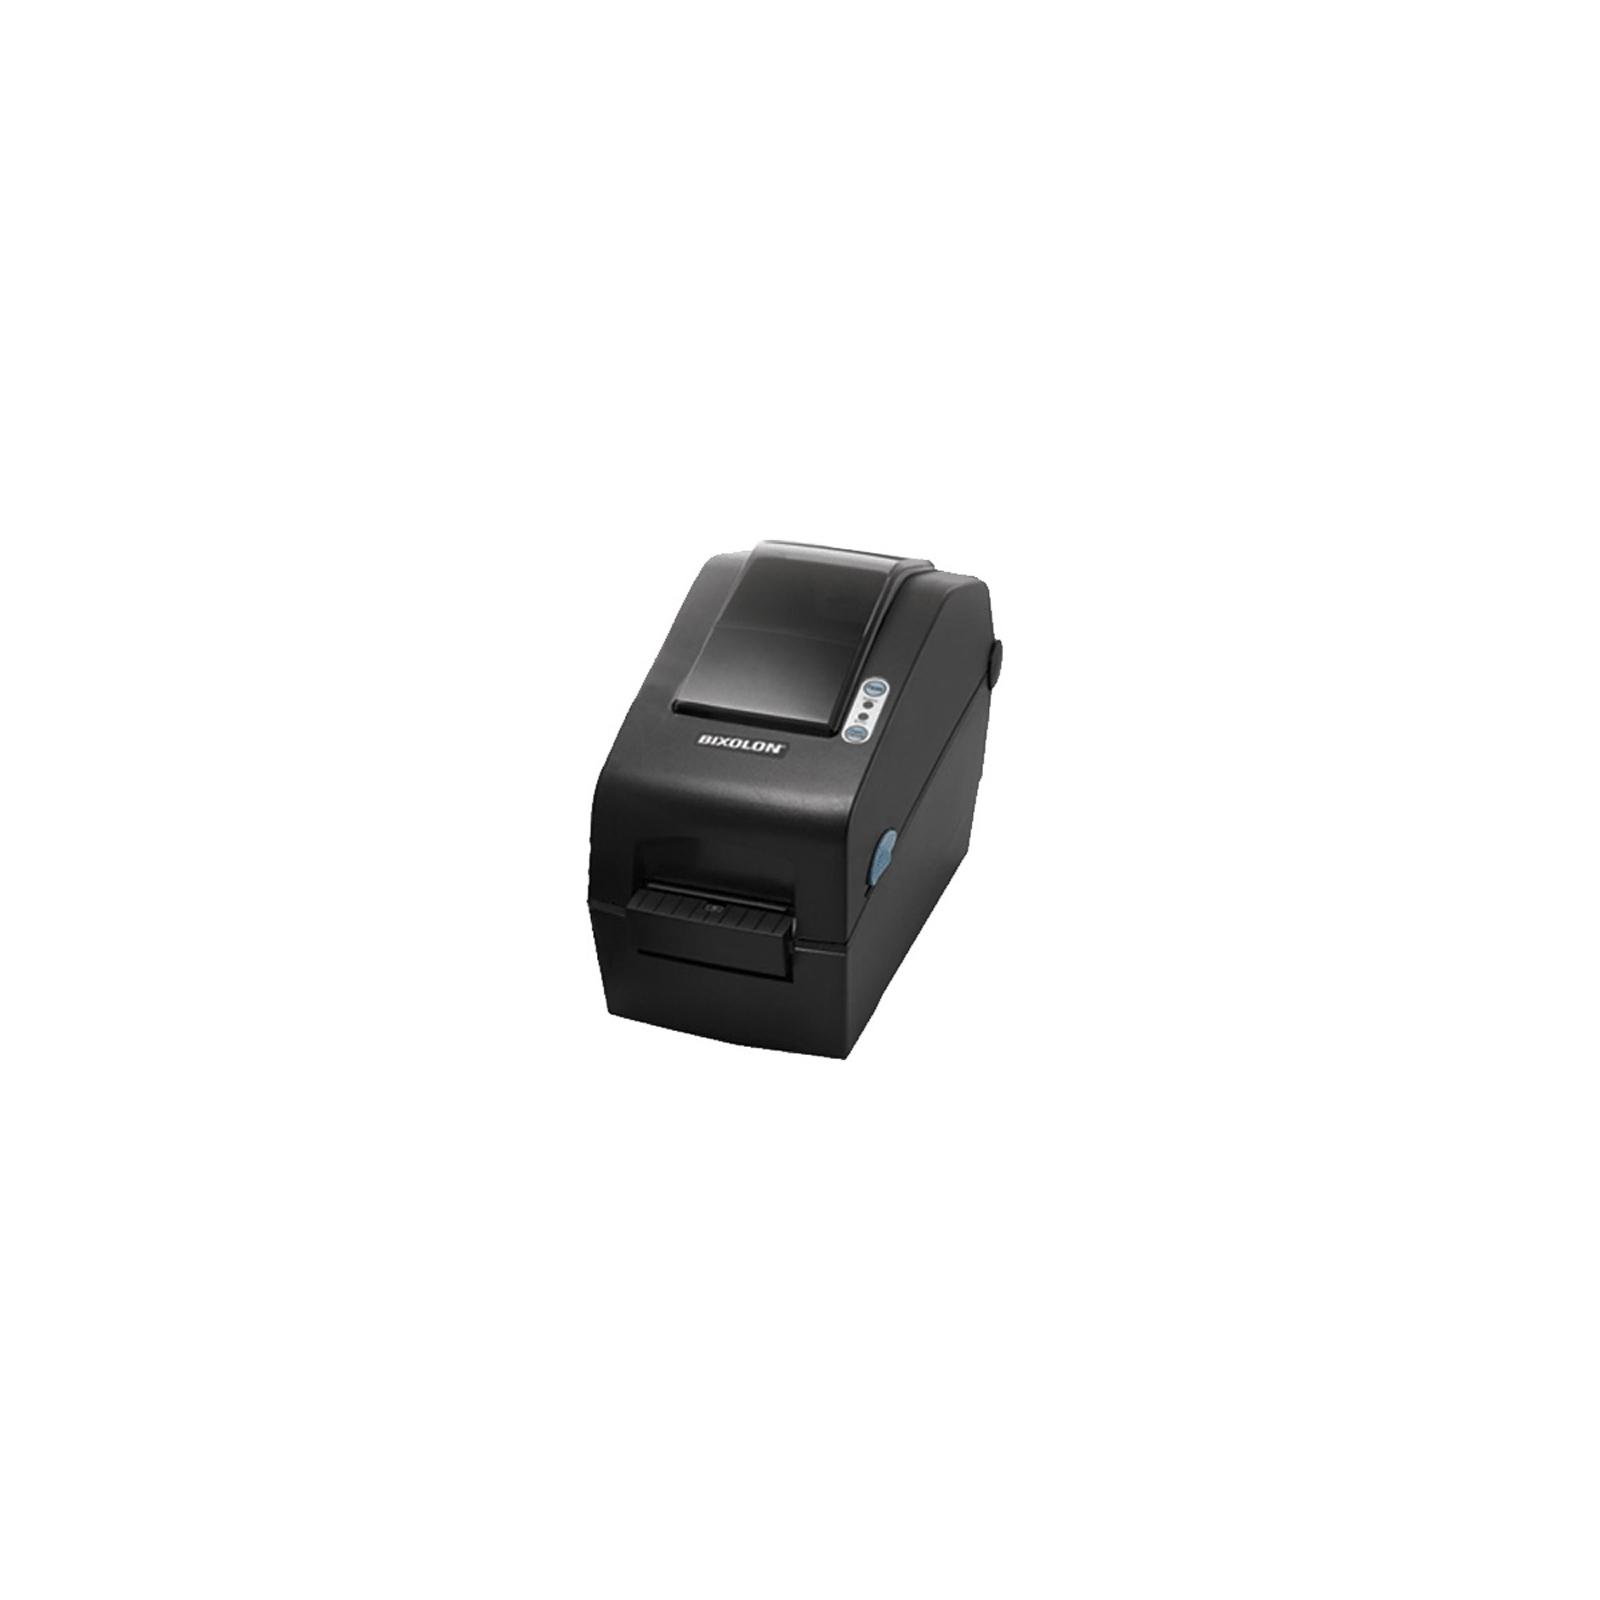 Принтер этикеток Bixolon SLP DX-220DG (SLP-DX220DG)